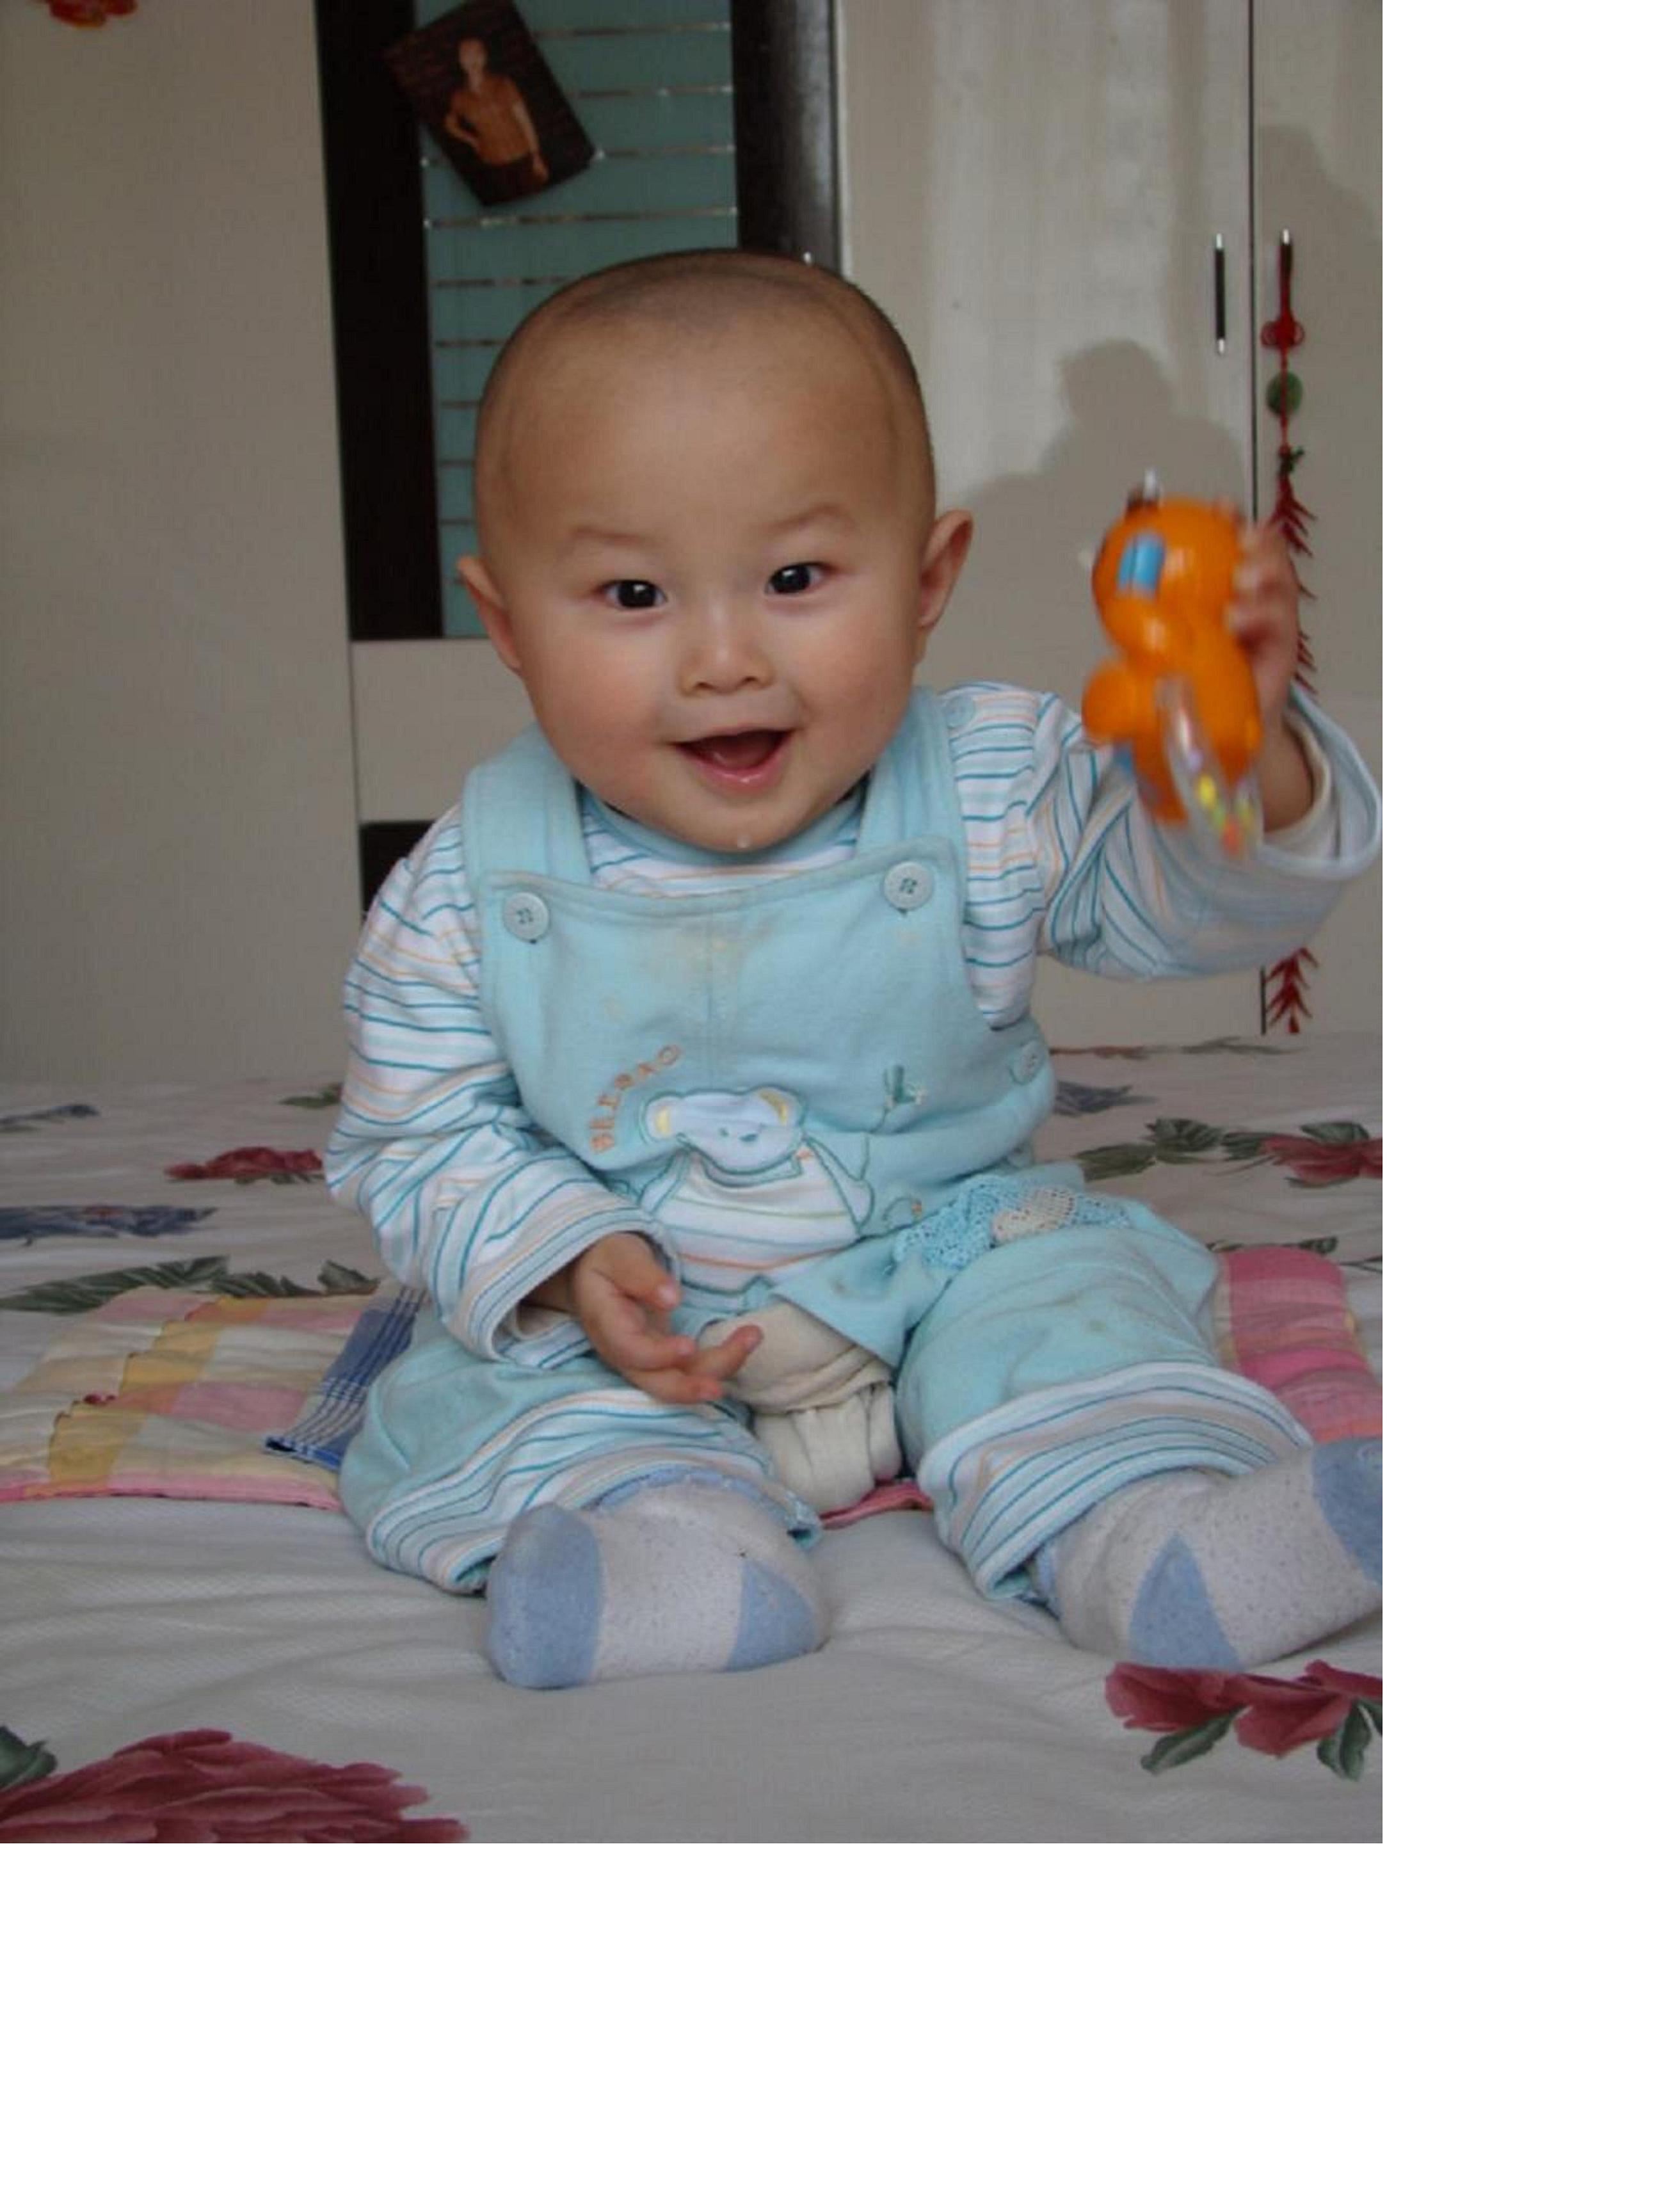 超级宝贝专题照片征集:光头宝宝!